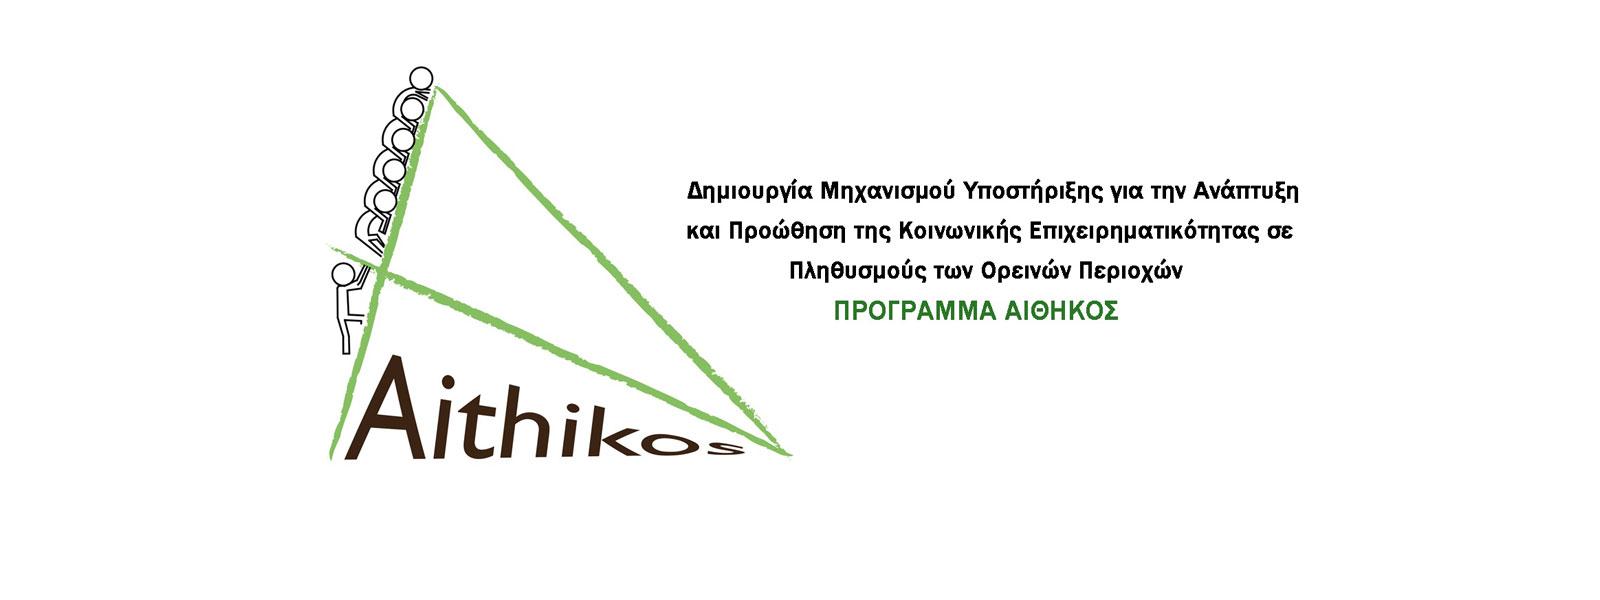 aithikos-2